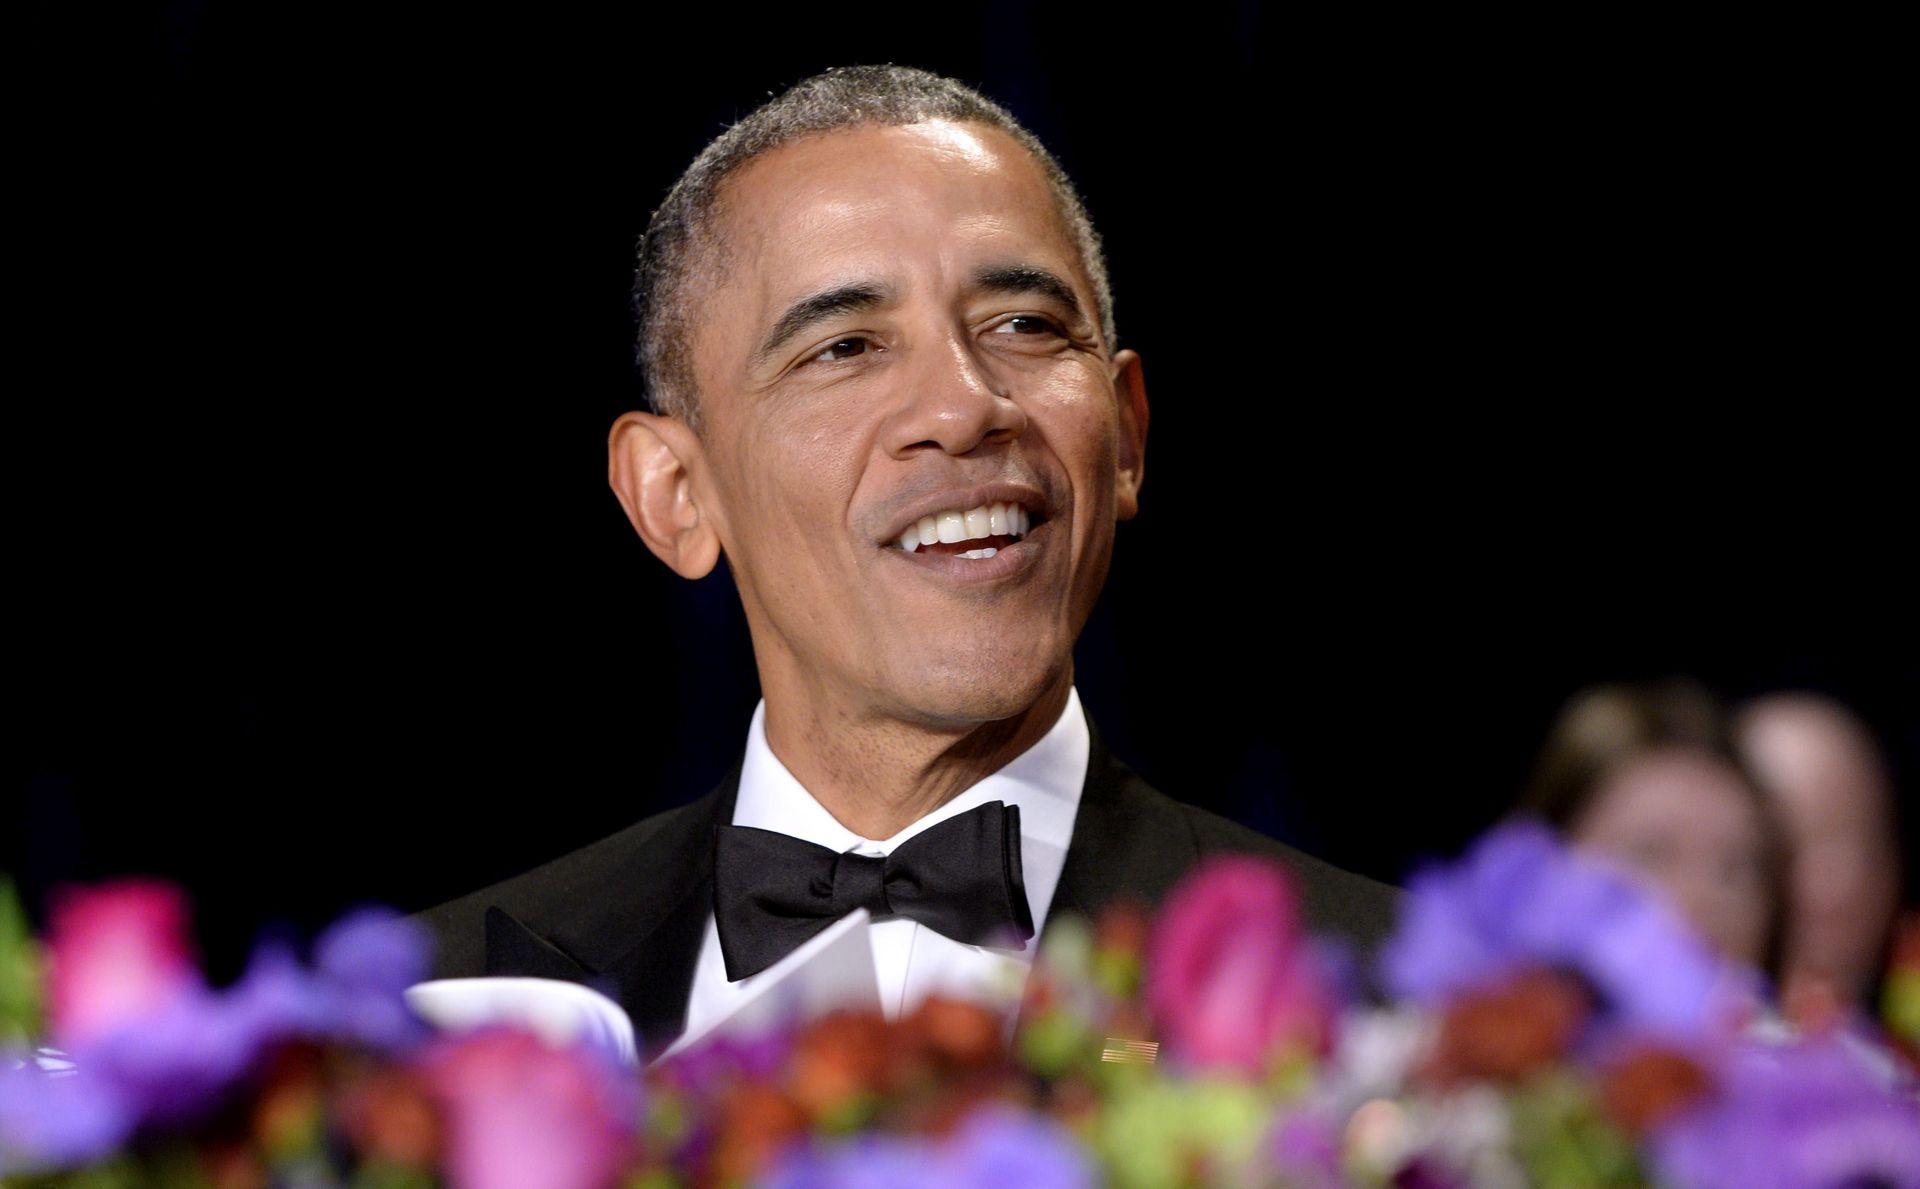 BIJELA KUĆA: Barack Obama ismijao Donalda Trumpa na večeri za novinare